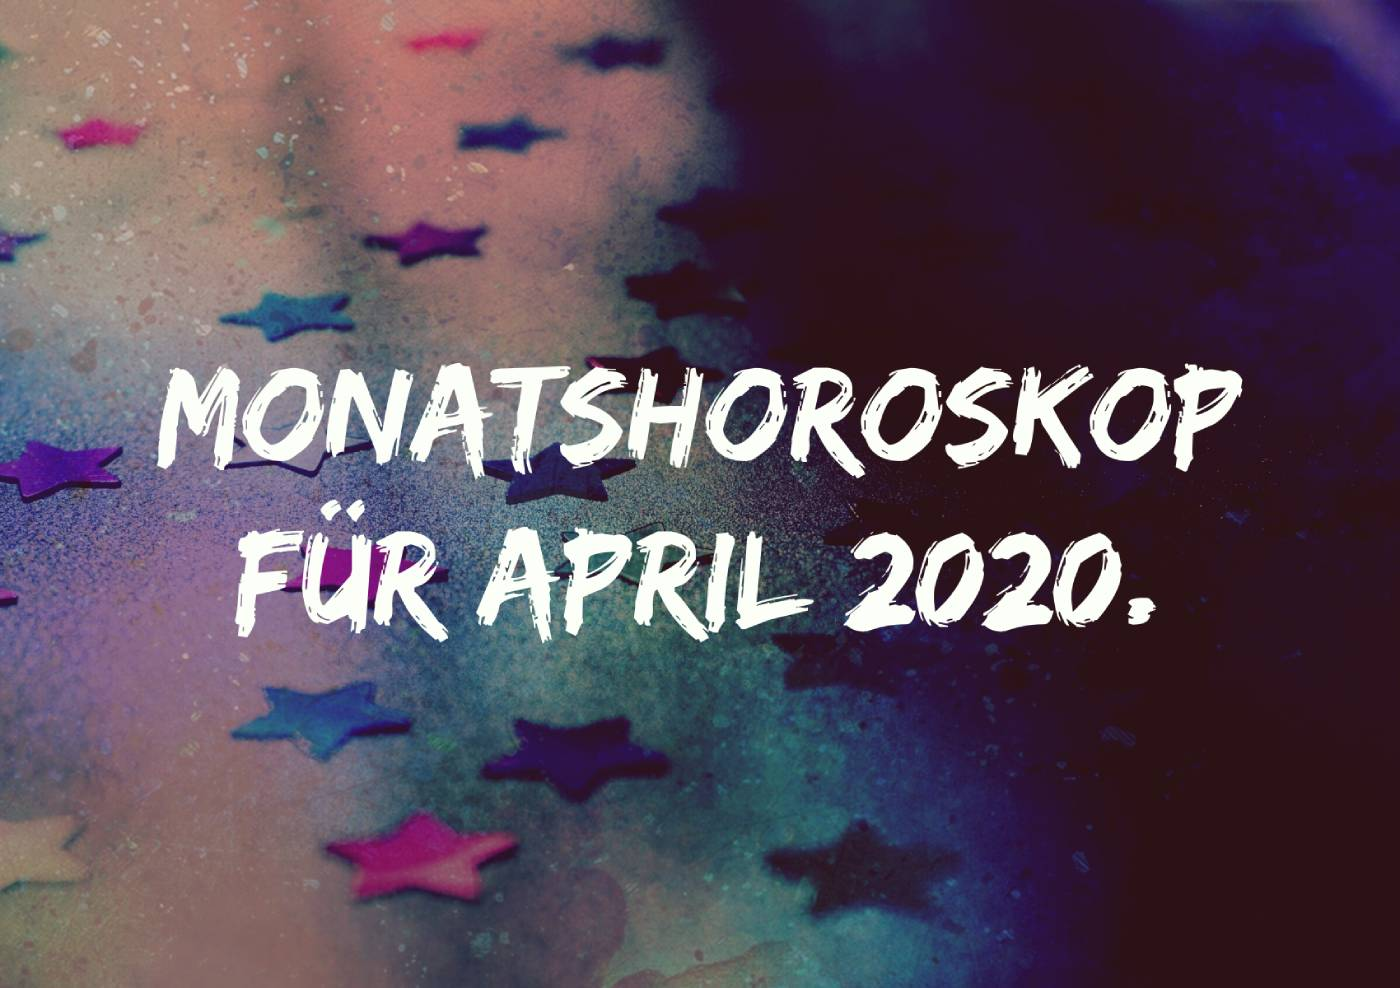 Monatshoroskop für April 2020.